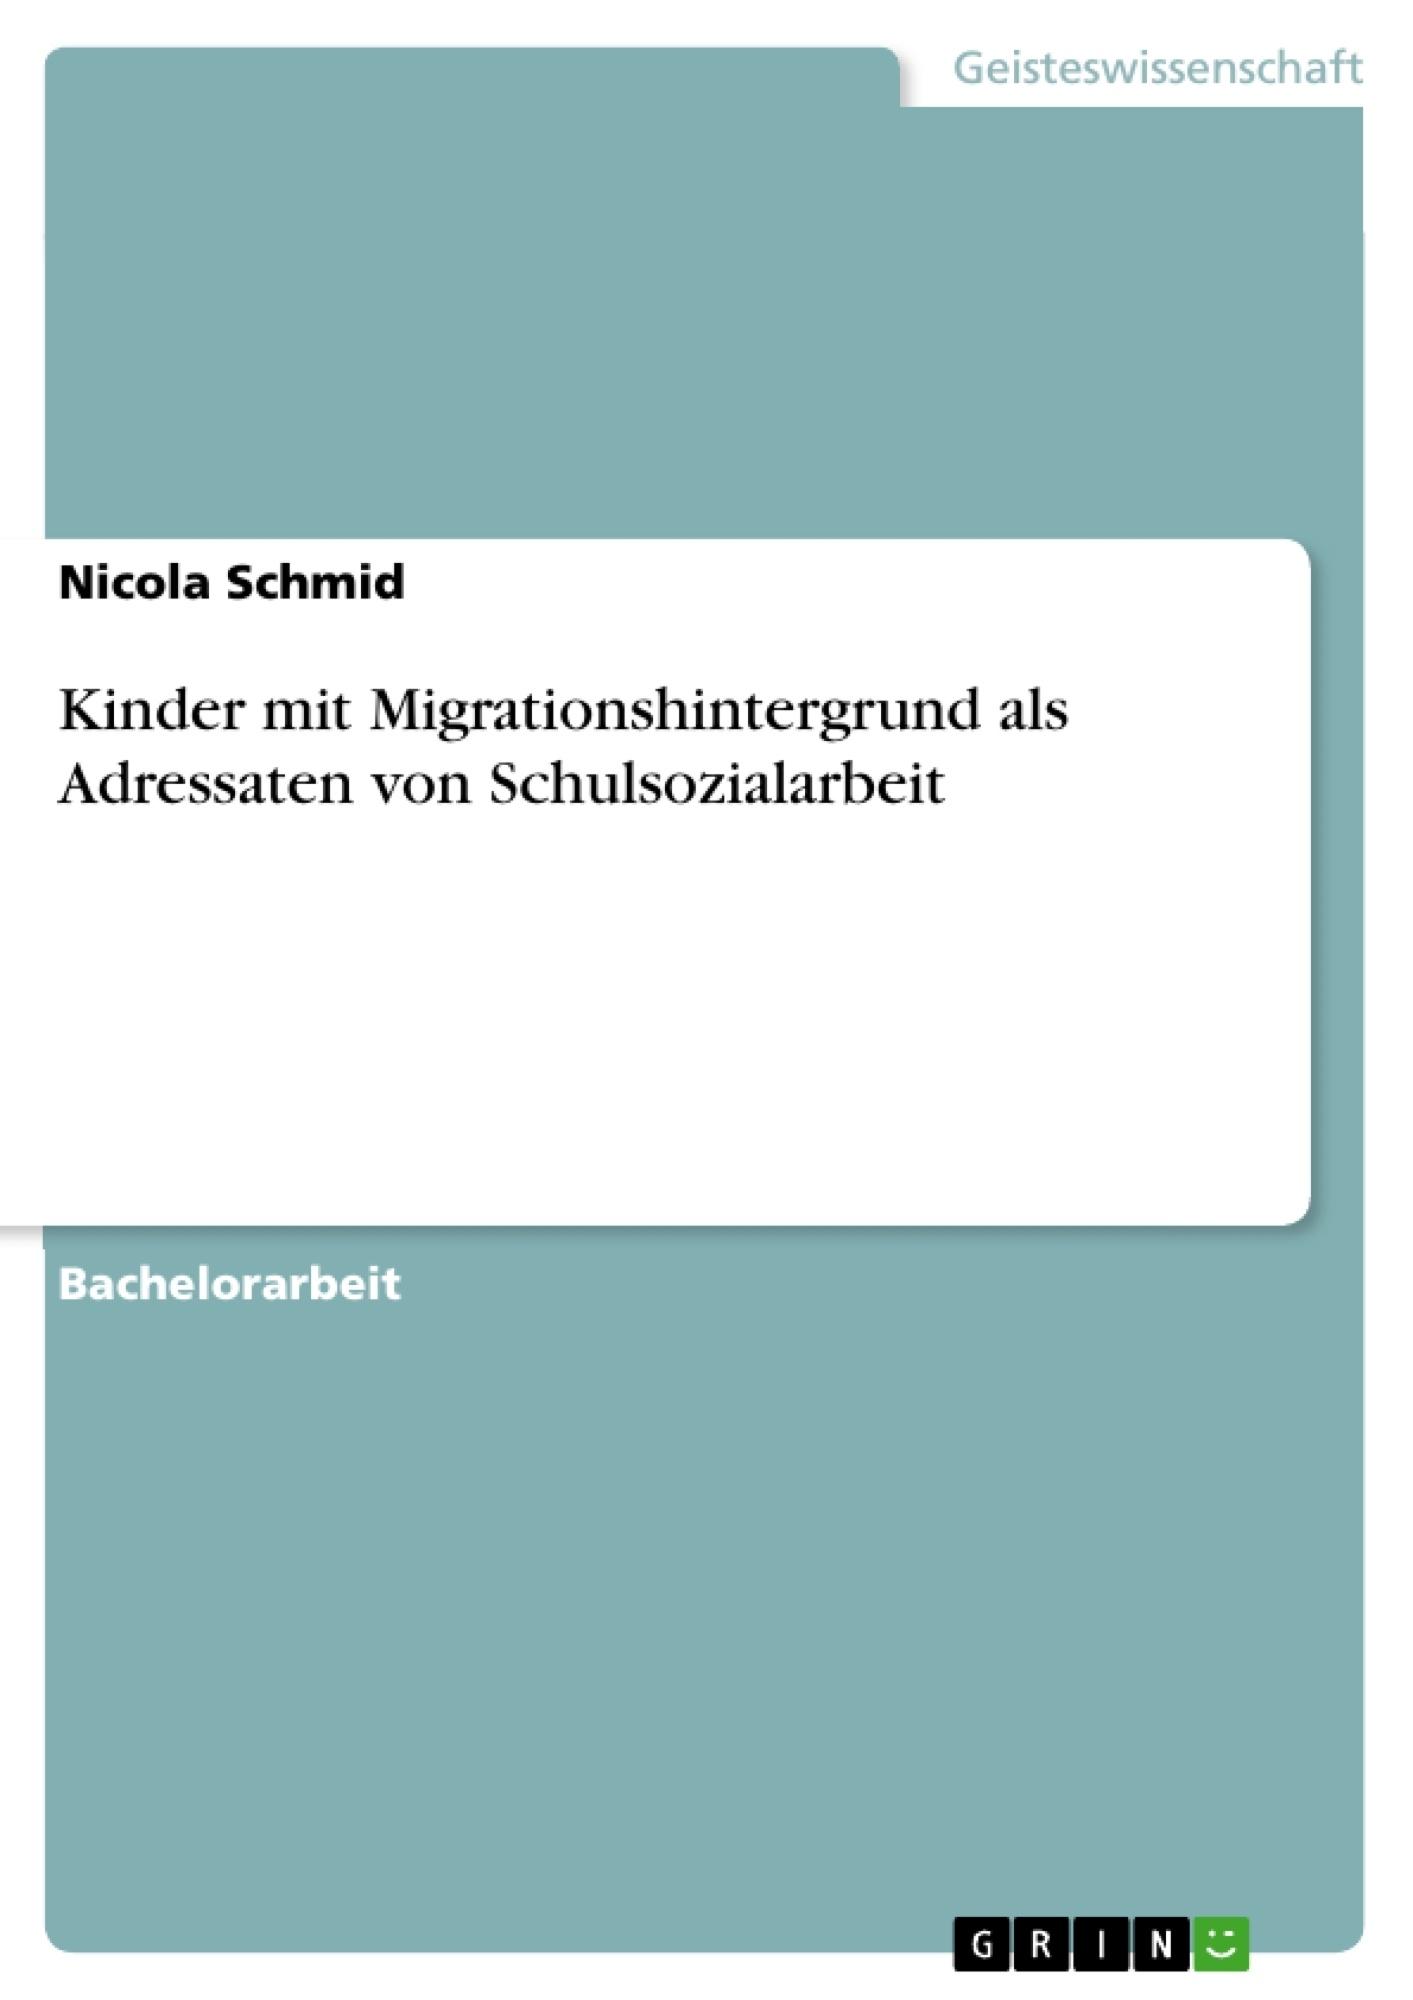 Titel: Kinder mit Migrationshintergrund als Adressaten von Schulsozialarbeit